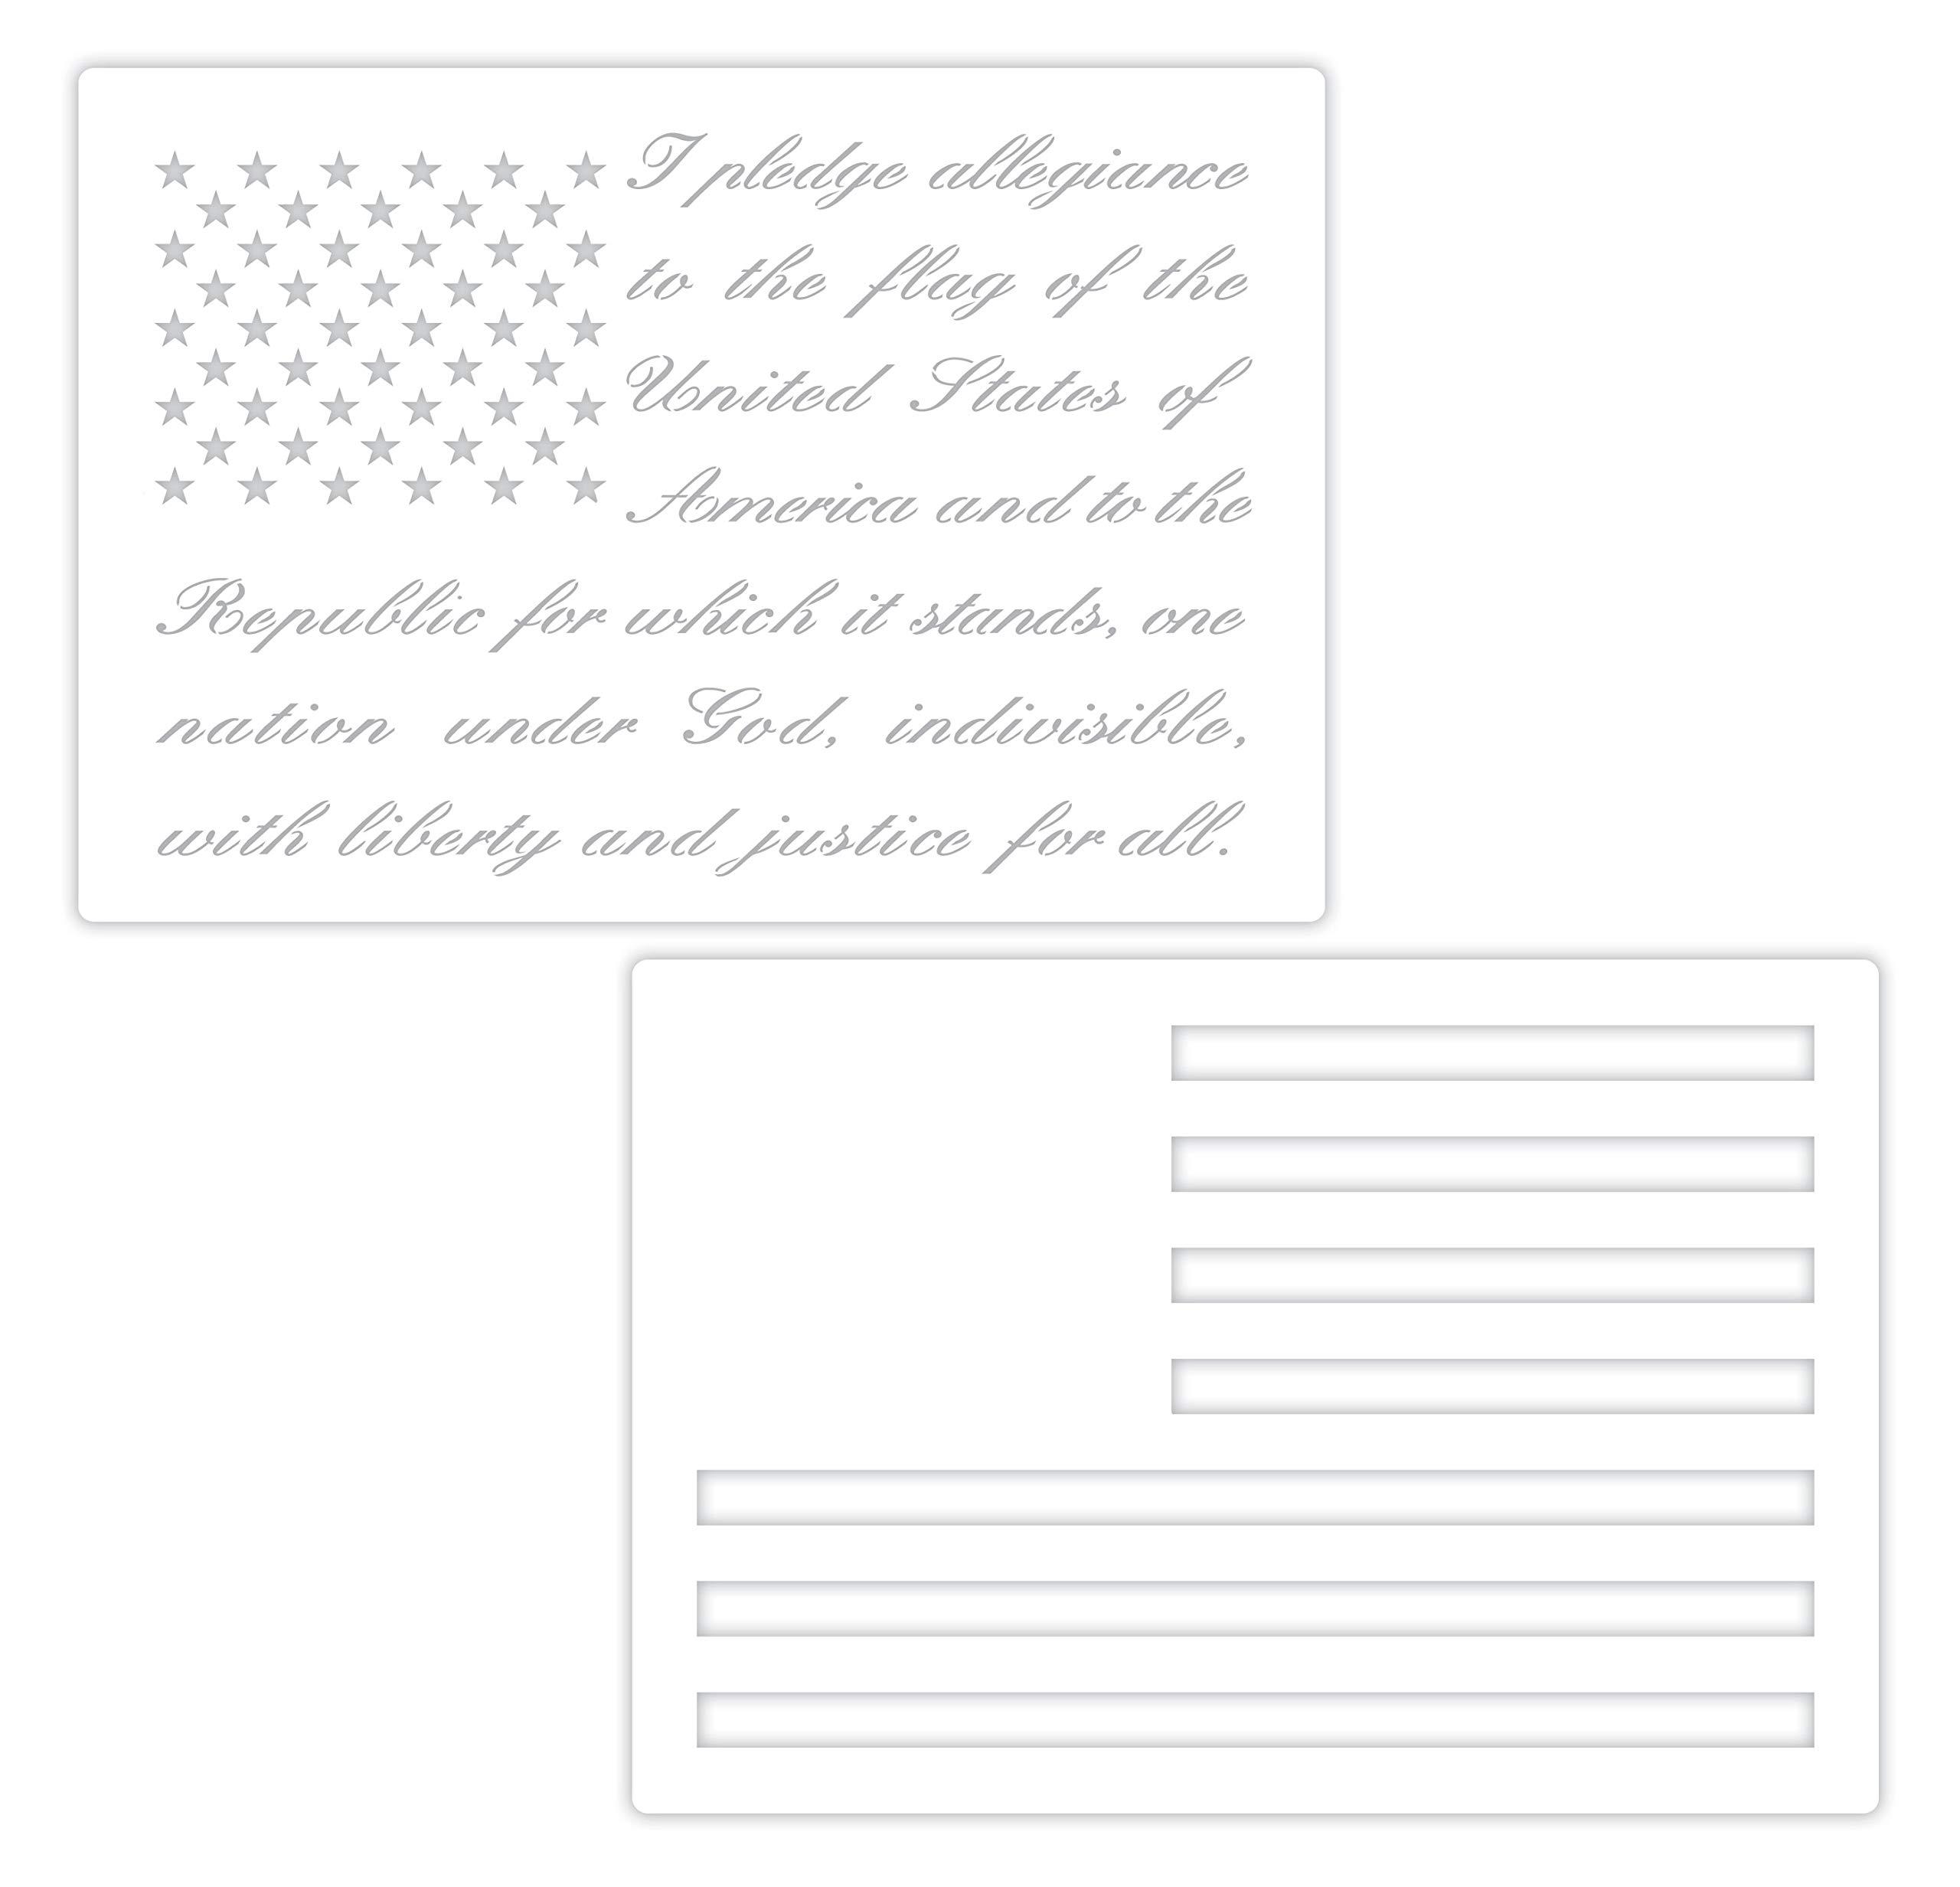 Pledge of Allegiance Flag Cake/Craft Stencil by Designer Stencils (Image #1)